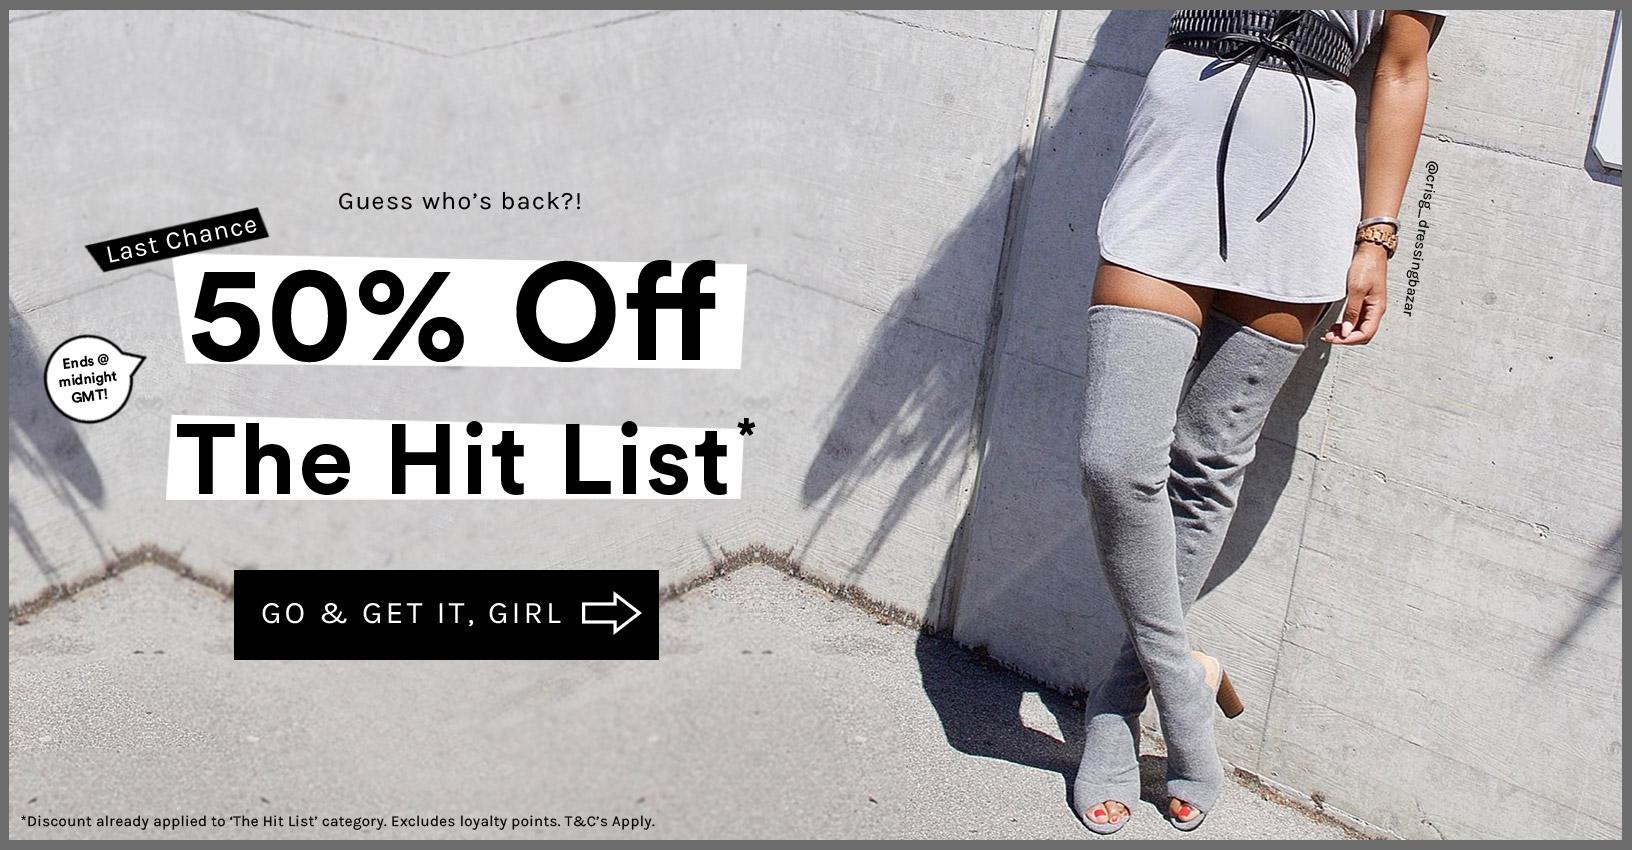 Public Desire: 50% off shoes